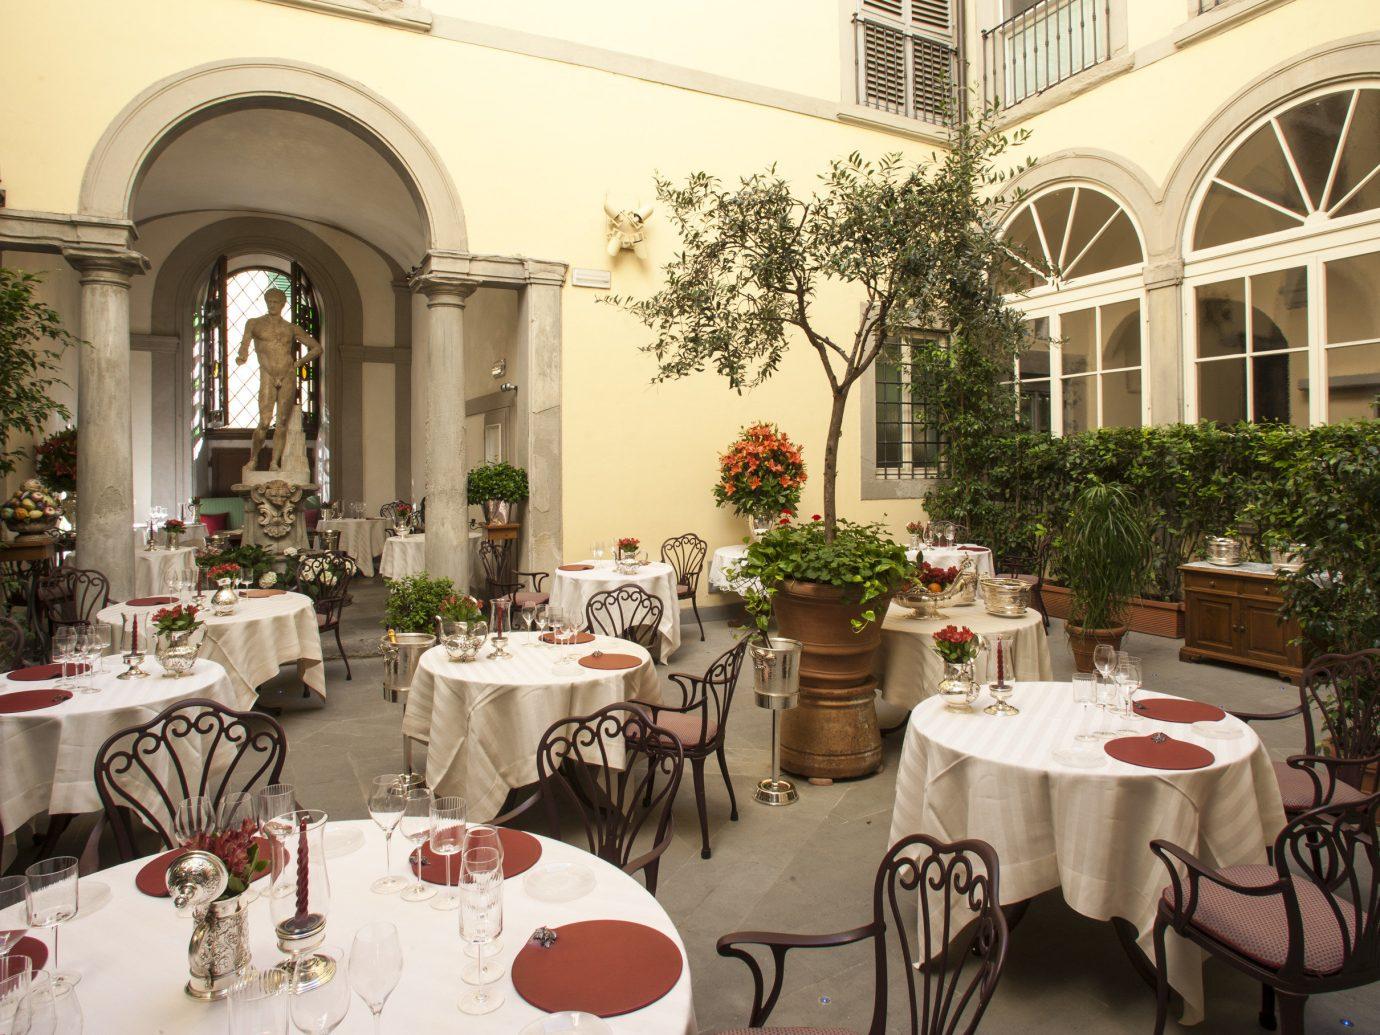 Food + Drink outdoor room restaurant meal estate home floristry interior design furniture